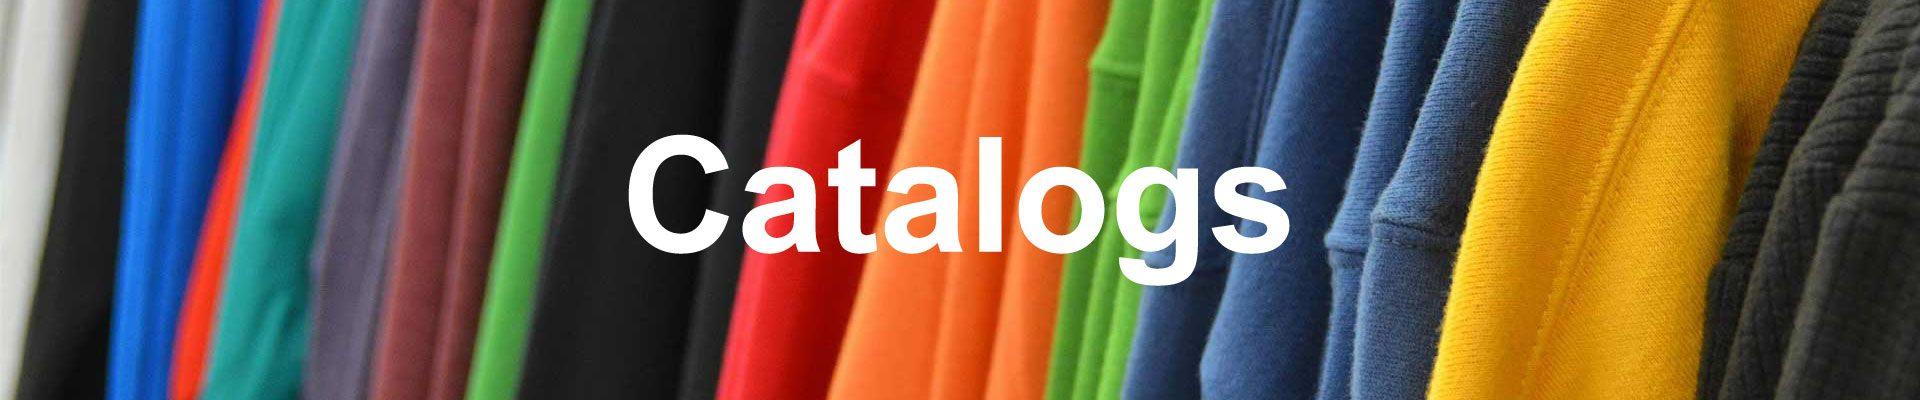 catalogsimage